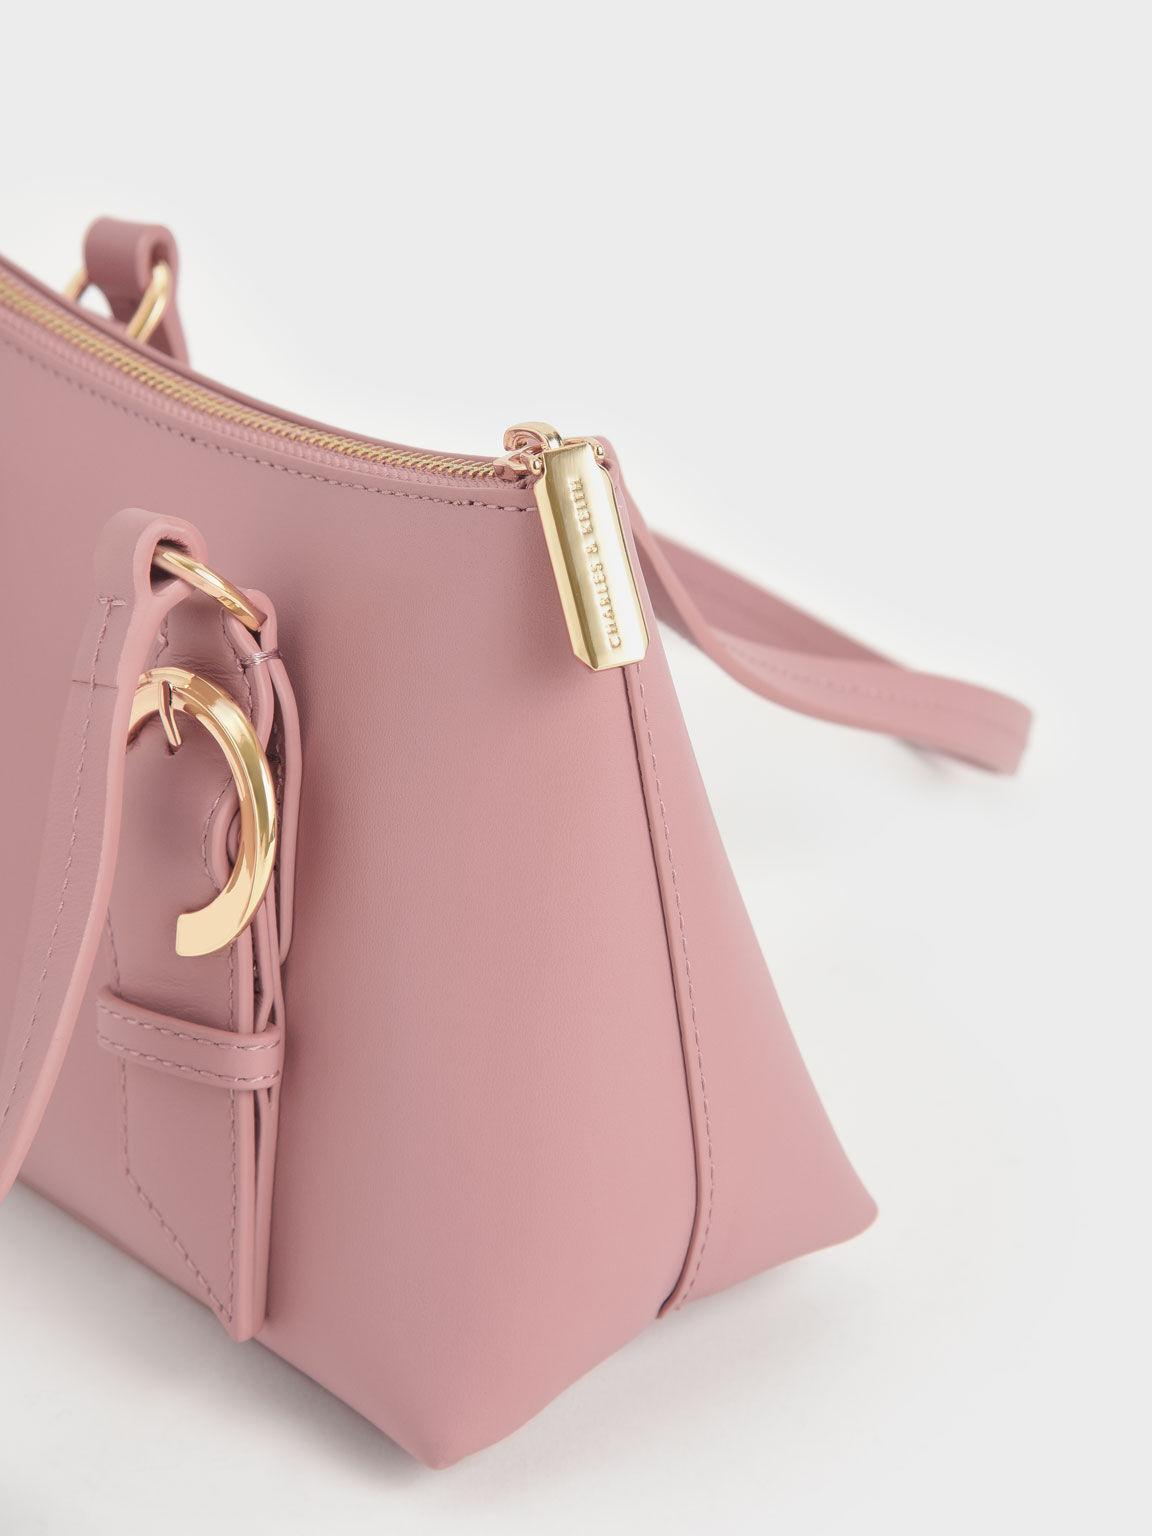 Ring Buckle Leather Shoulder Bag, Pink, hi-res